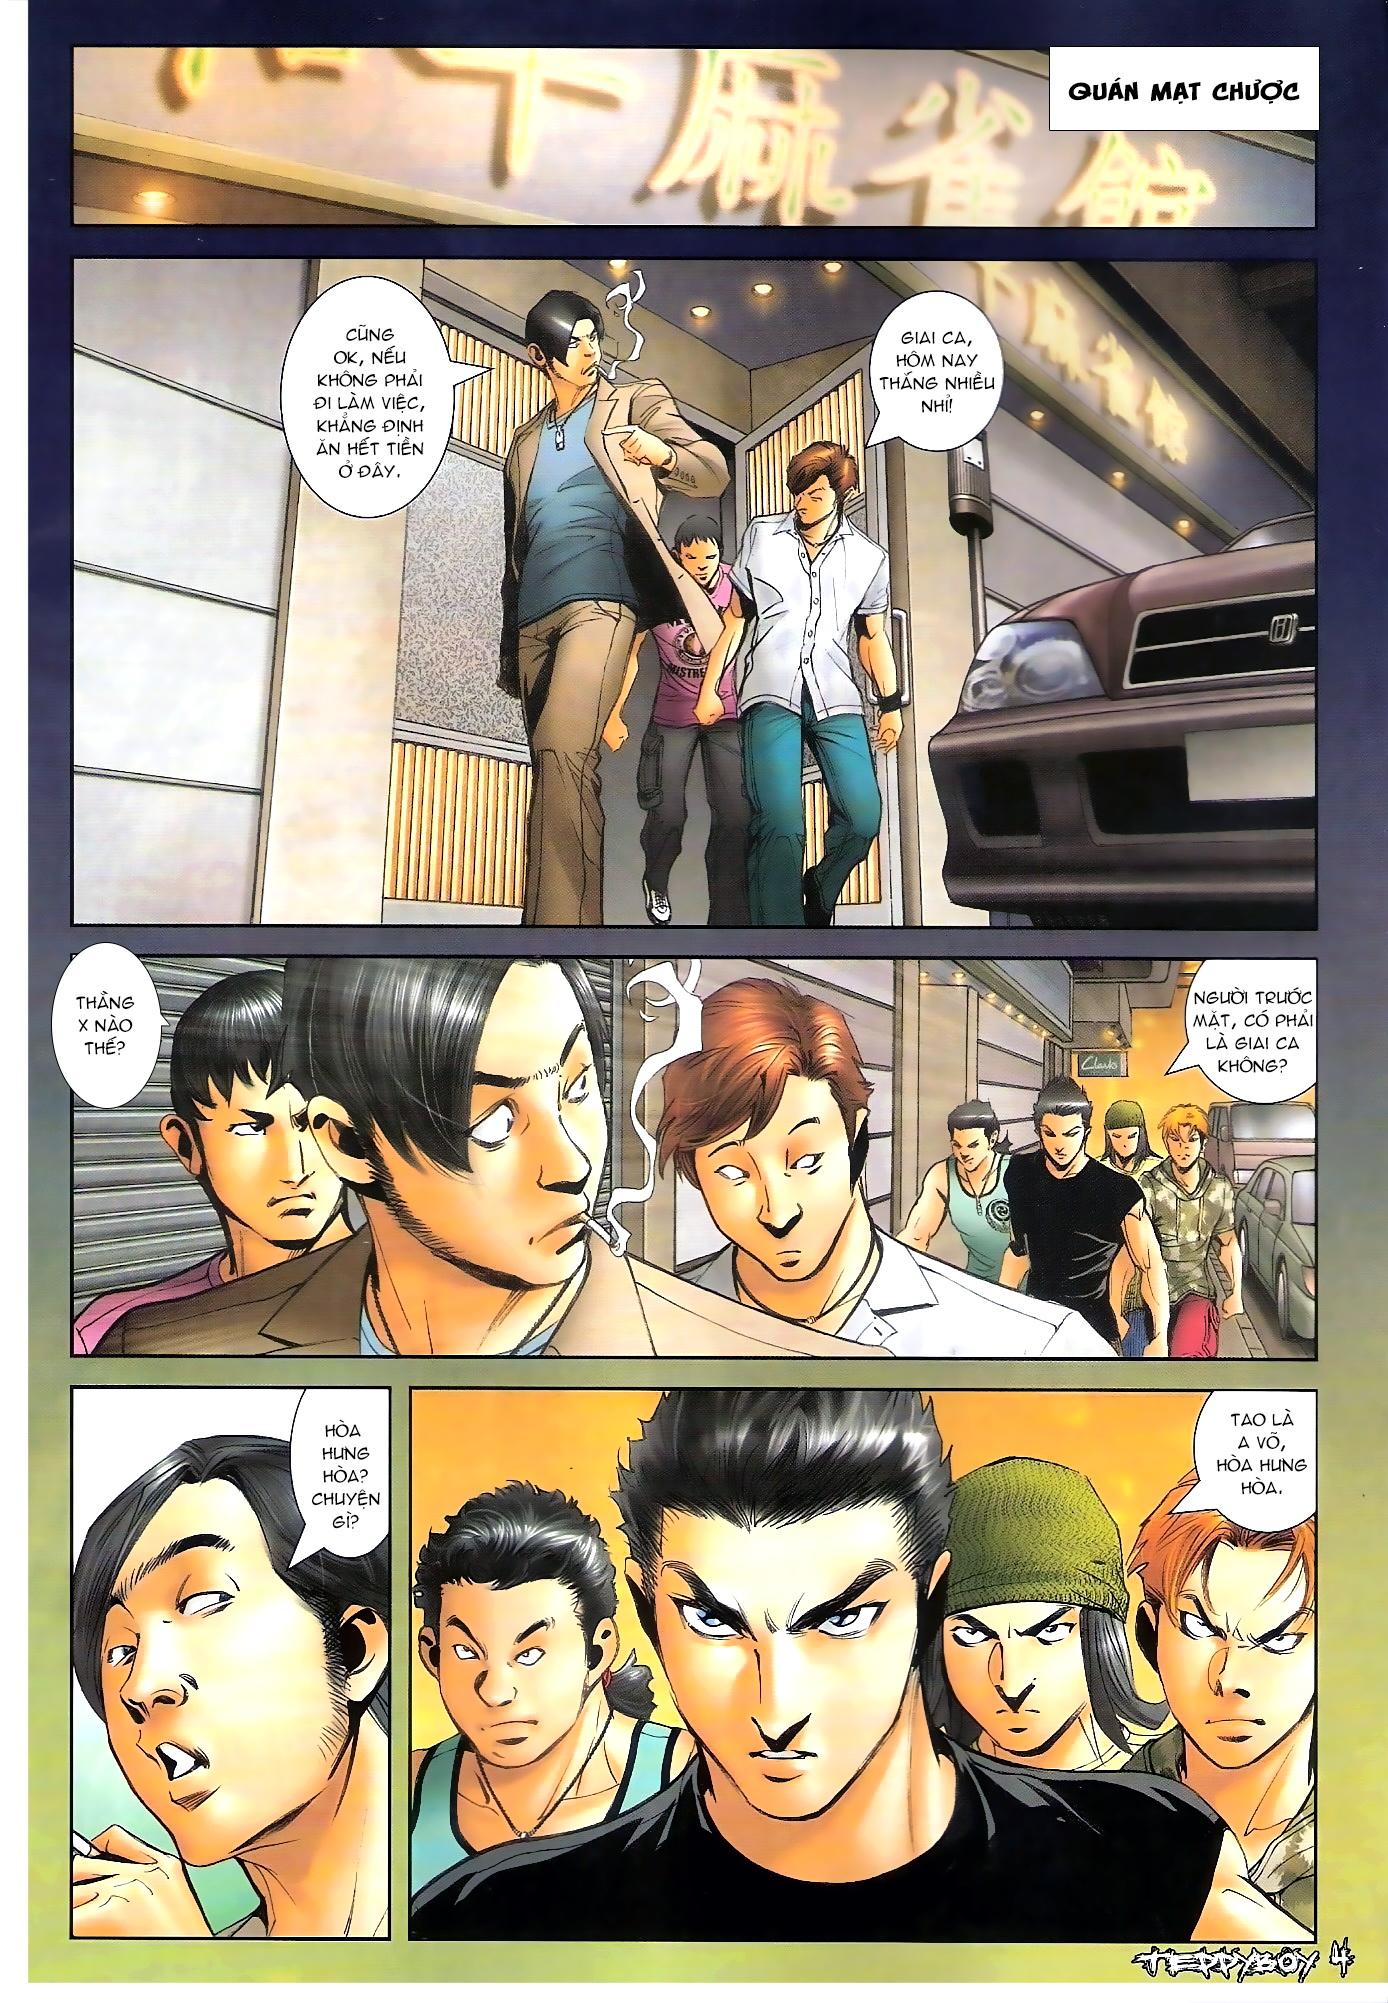 Người Trong Giang Hồ NetTruyen chap 1294 - Trang 3